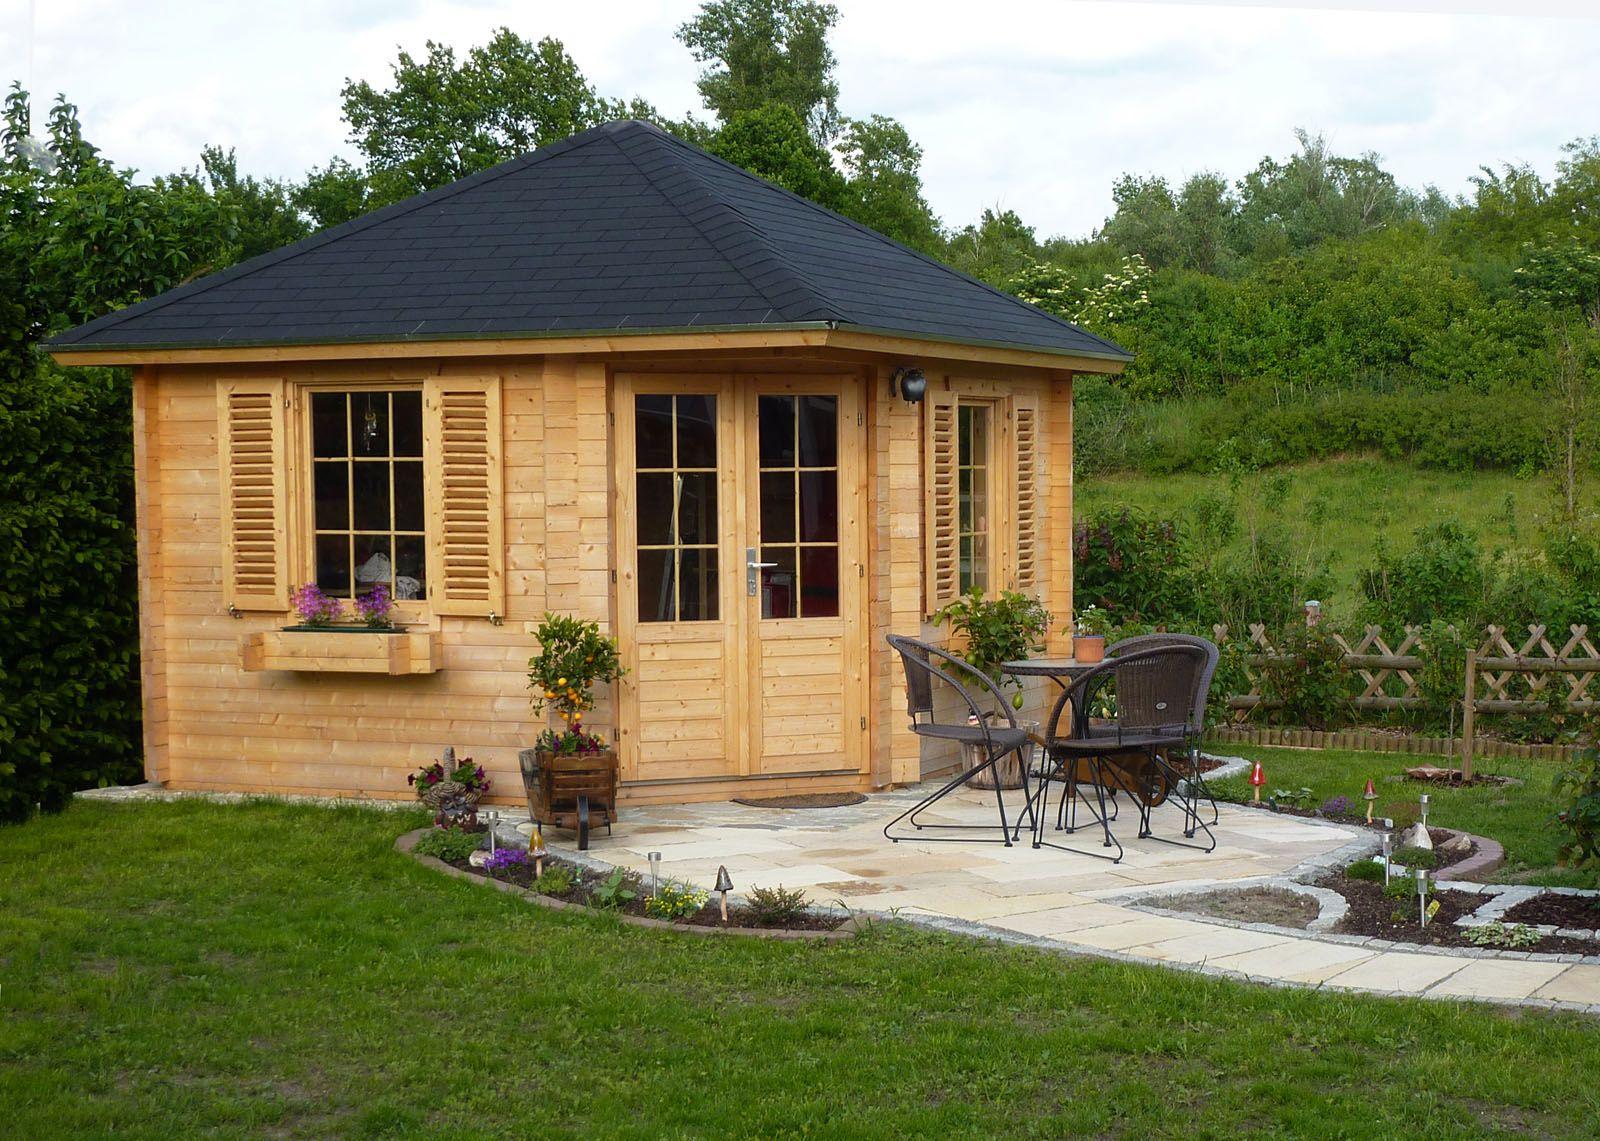 Die Gartenhaus Gmbh Ist Ihr Gunstiger Onlineshop Fur Haus Und Garten Gartenhaus Sauna Carport Co 0 Versand Jet Gartenhaus 5 Eck Gartenhaus Haus